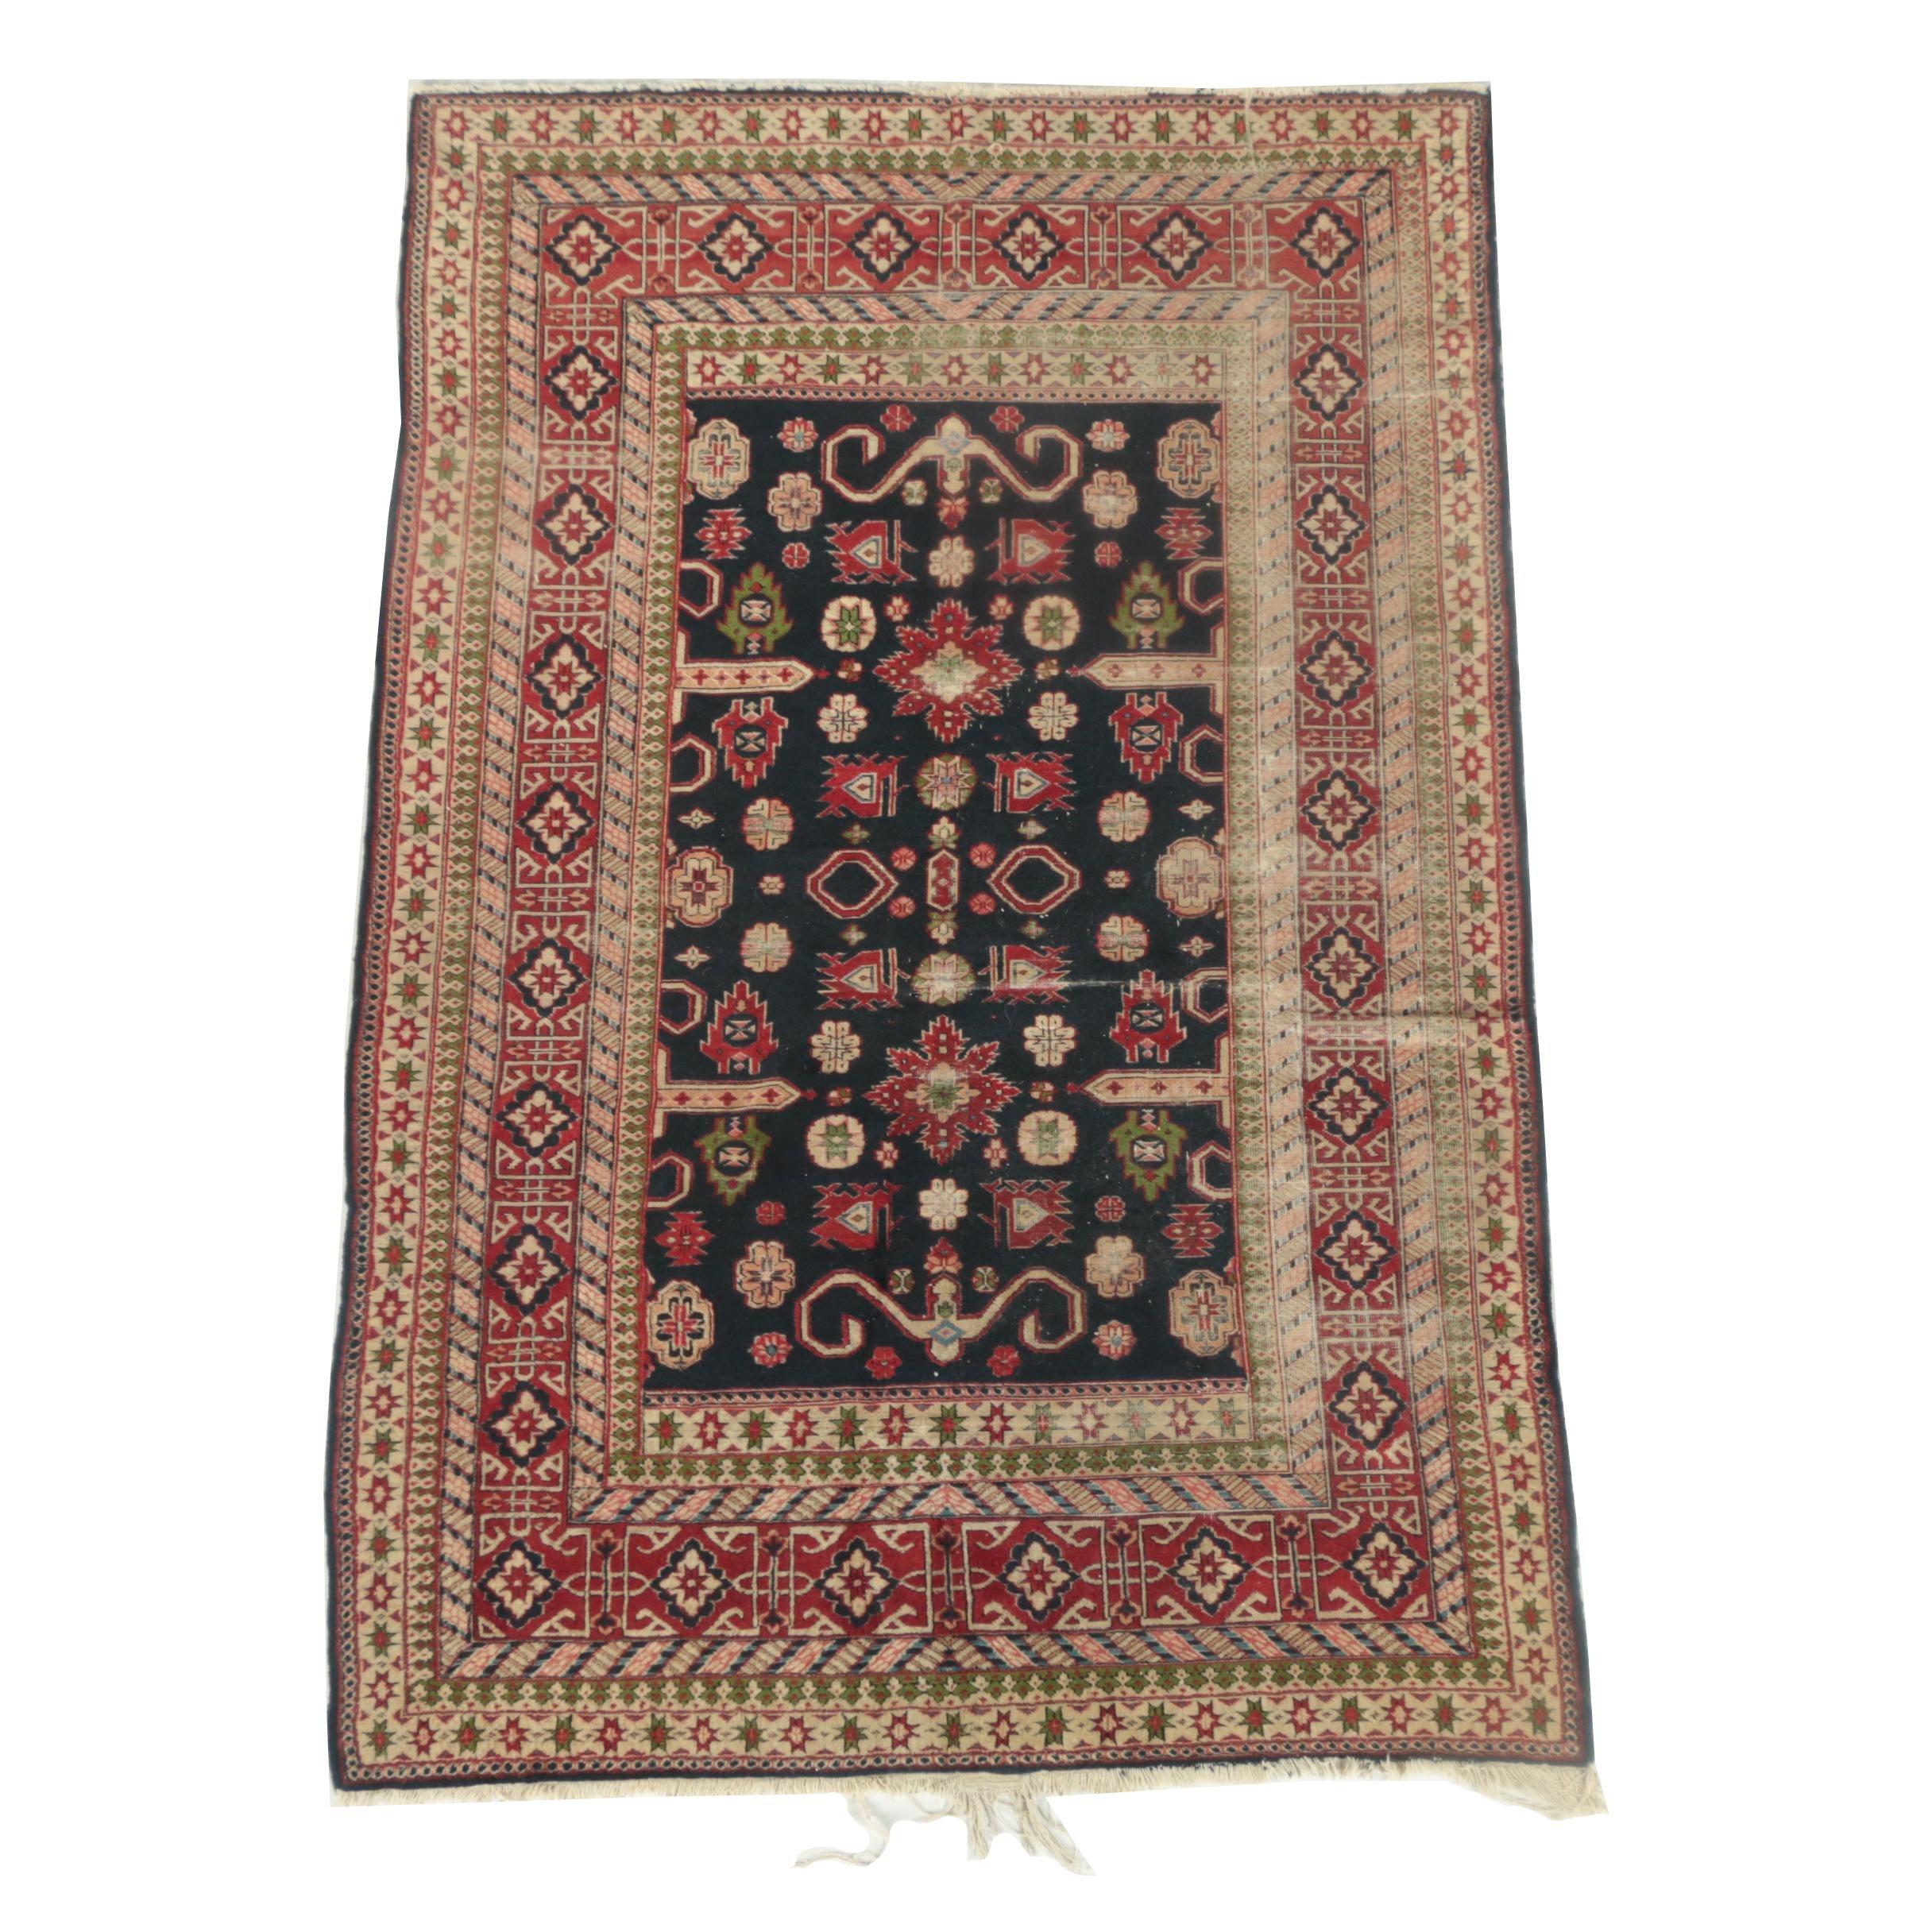 Vintage Hand-Knotted Caucasian Kuba Wool Area Rug